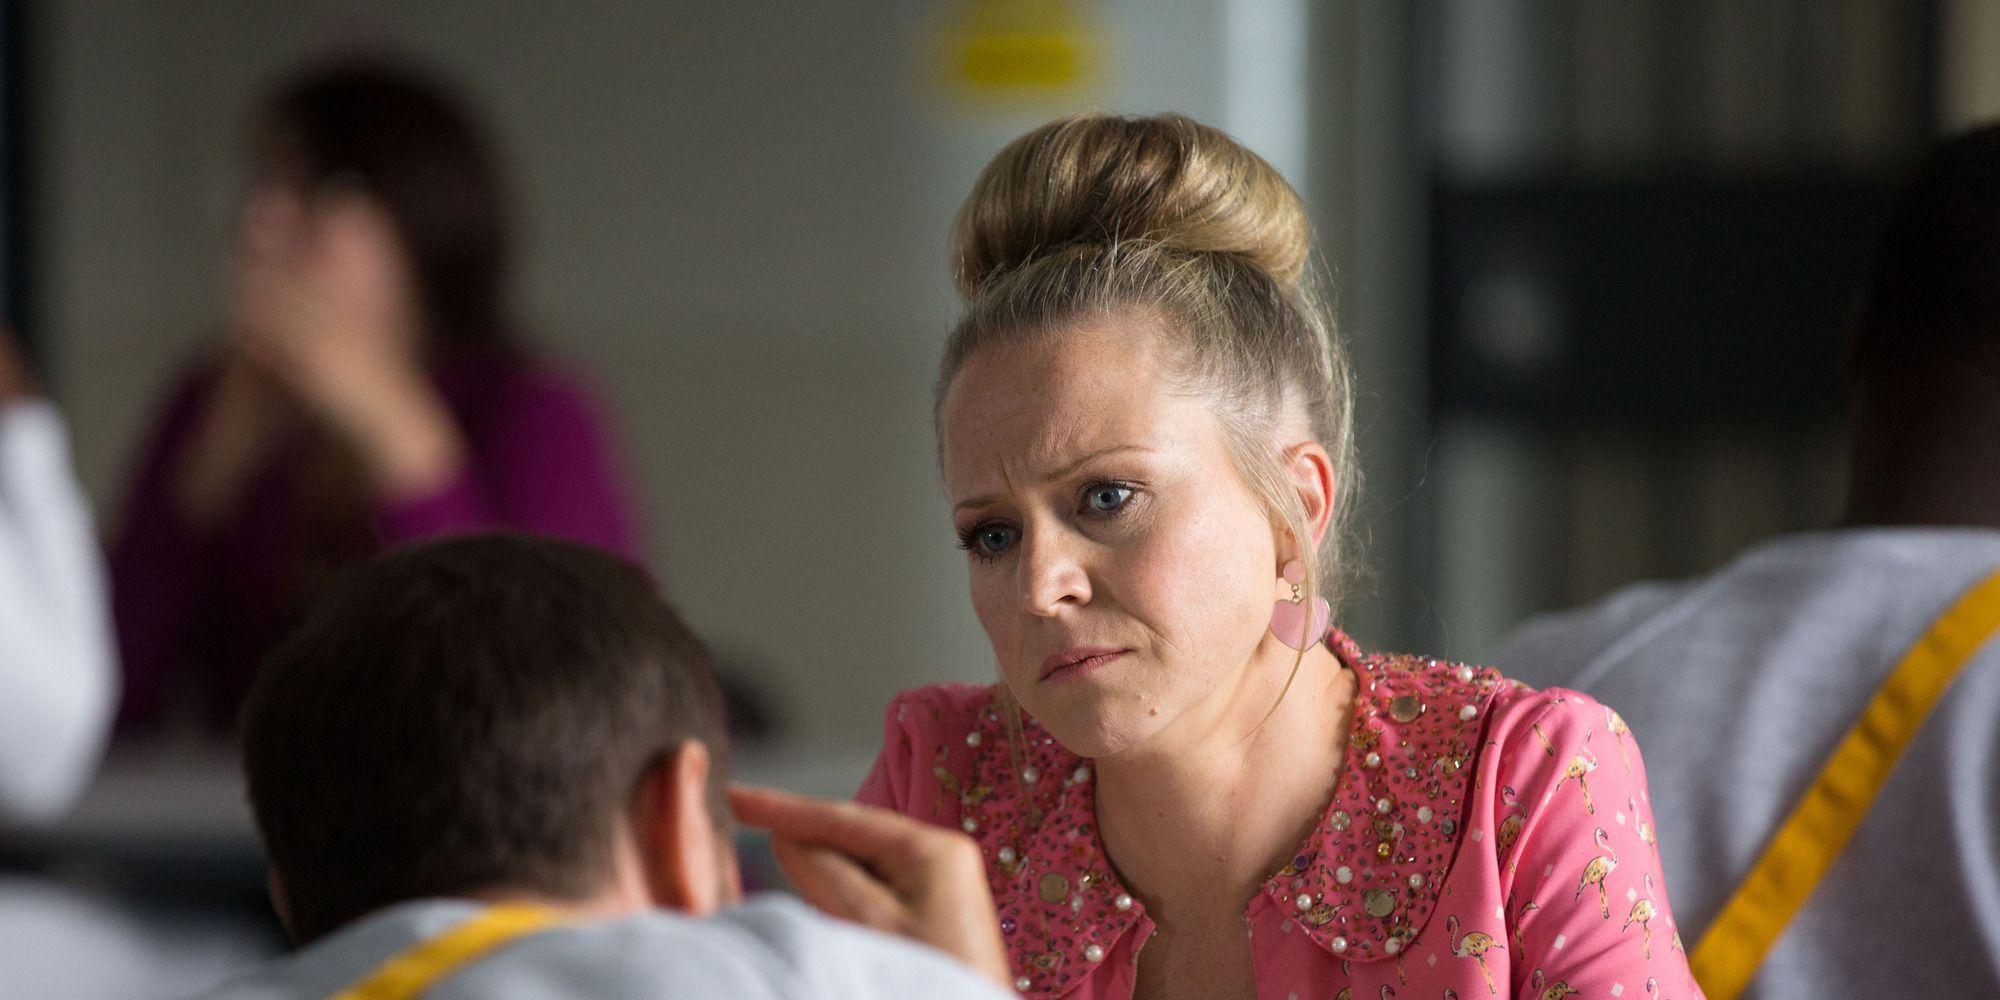 Linda Carter visits Mick in prison in EastEnders